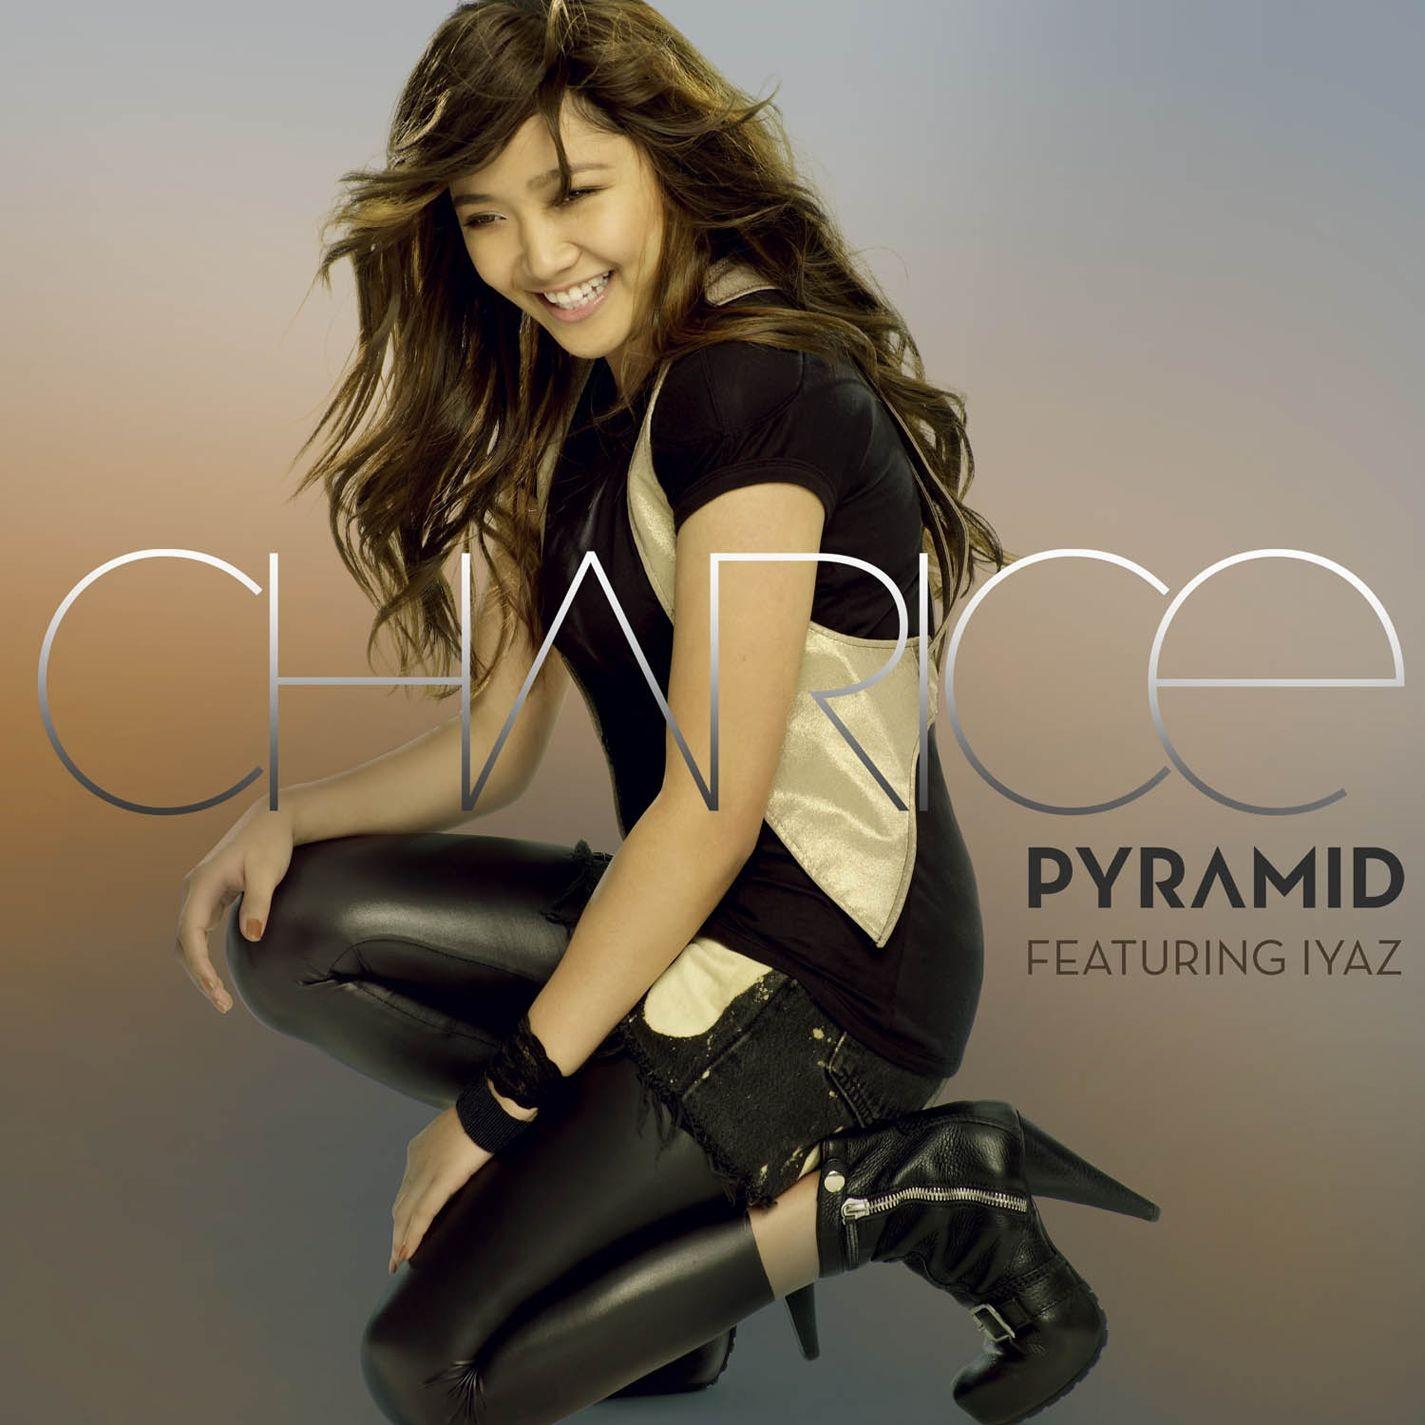 http://4.bp.blogspot.com/_MiR9WAoBzpI/TN4CwJz1Y7I/AAAAAAAACXA/hkjncmGkH0Y/s1600/Charice+Pempengco+-+Pyramid.jpg